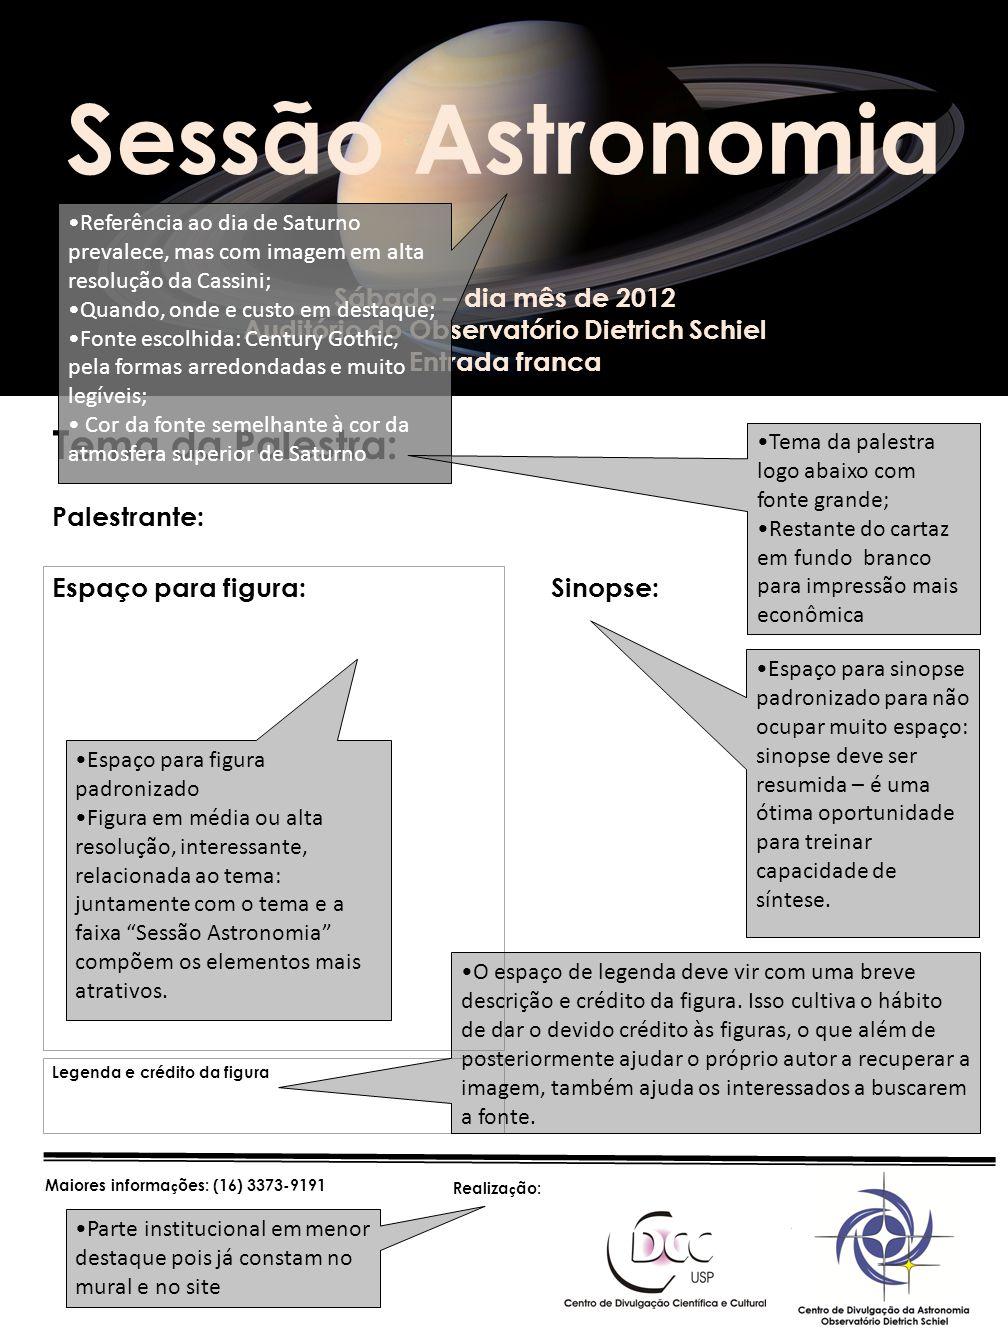 Sábado – dia mês de 2012 Auditório do Observatório Dietrich Schiel Entrada franca Tema da Palestra: Palestrante: Sessão Astronomia Legenda e crédito da figura Maiores informa ç ões: (16) 3373-9191 Sinopse: Espaço para figura: Referência ao dia de Saturno prevalece, mas com imagem em alta resolução da Cassini; Quando, onde e custo em destaque; Fonte escolhida: Century Gothic, pela formas arredondadas e muito legíveis; Cor da fonte semelhante à cor da atmosfera superior de Saturno Tema da palestra logo abaixo com fonte grande; Restante do cartaz em fundo branco para impressão mais econômica Espaço para figura padronizado Figura em média ou alta resolução, interessante, relacionada ao tema: juntamente com o tema e a faixa Sessão Astronomia compõem os elementos mais atrativos.